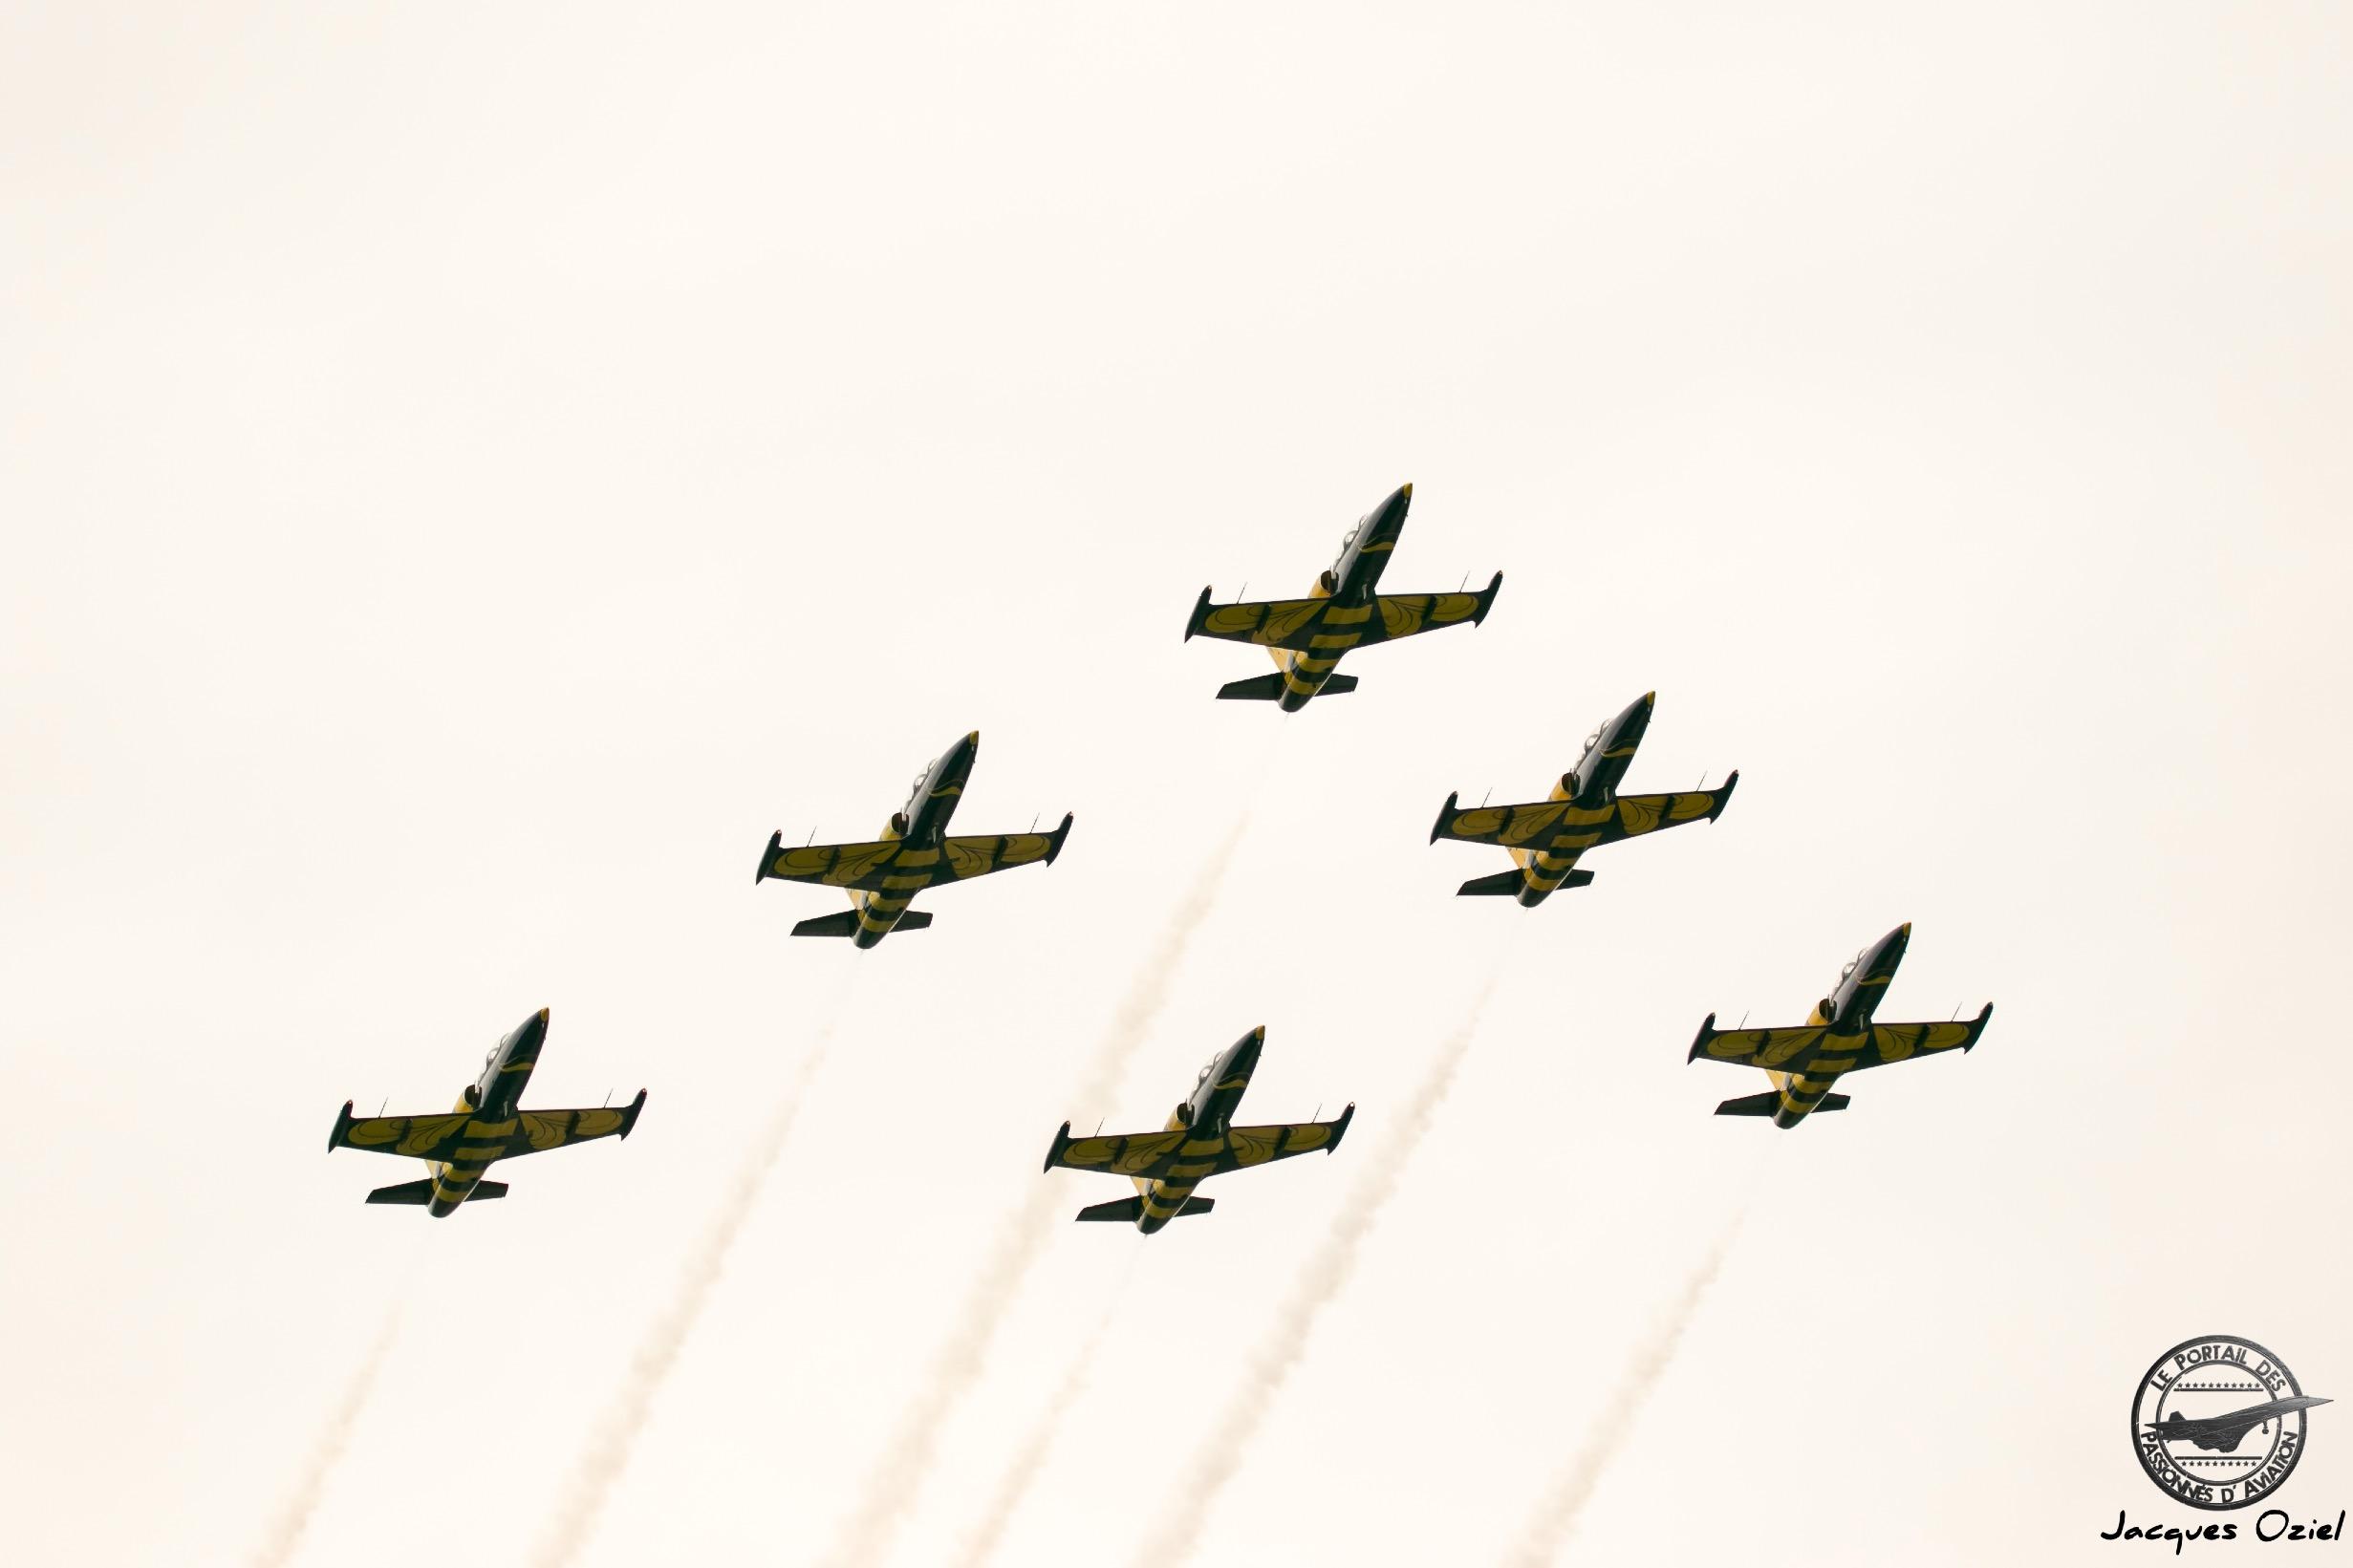 Aero L-39 de l'équipe acrobatique civile lettone des Abeilles Baltes, Baltic Bees